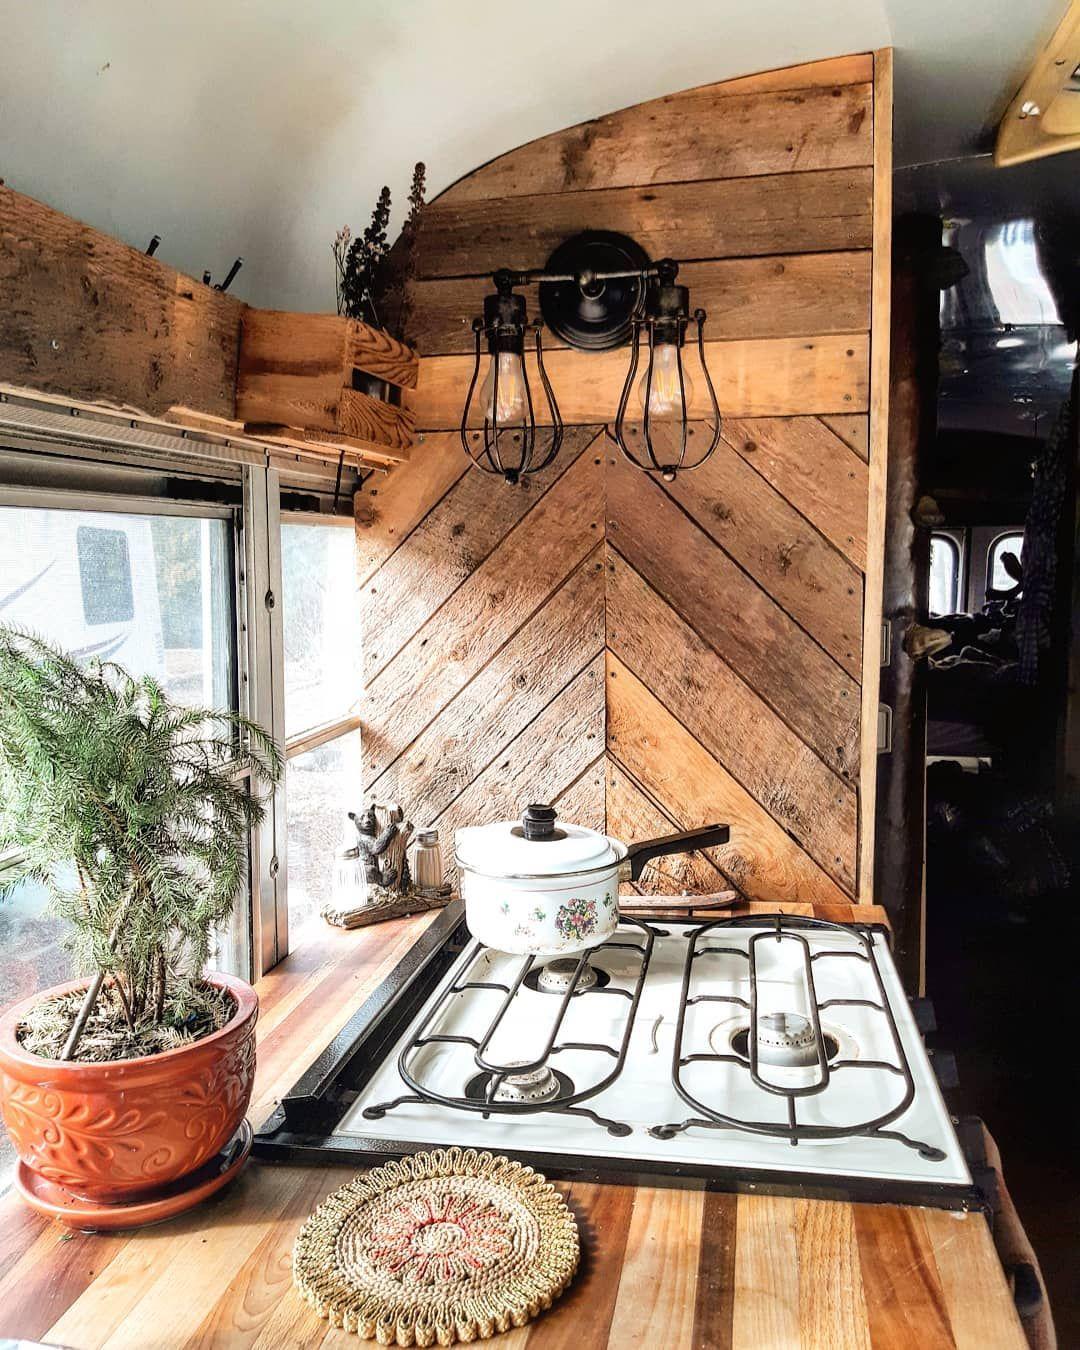 ~~Sunny Kitchen Vibes~~ • • • • • #skoolie #schoolbus